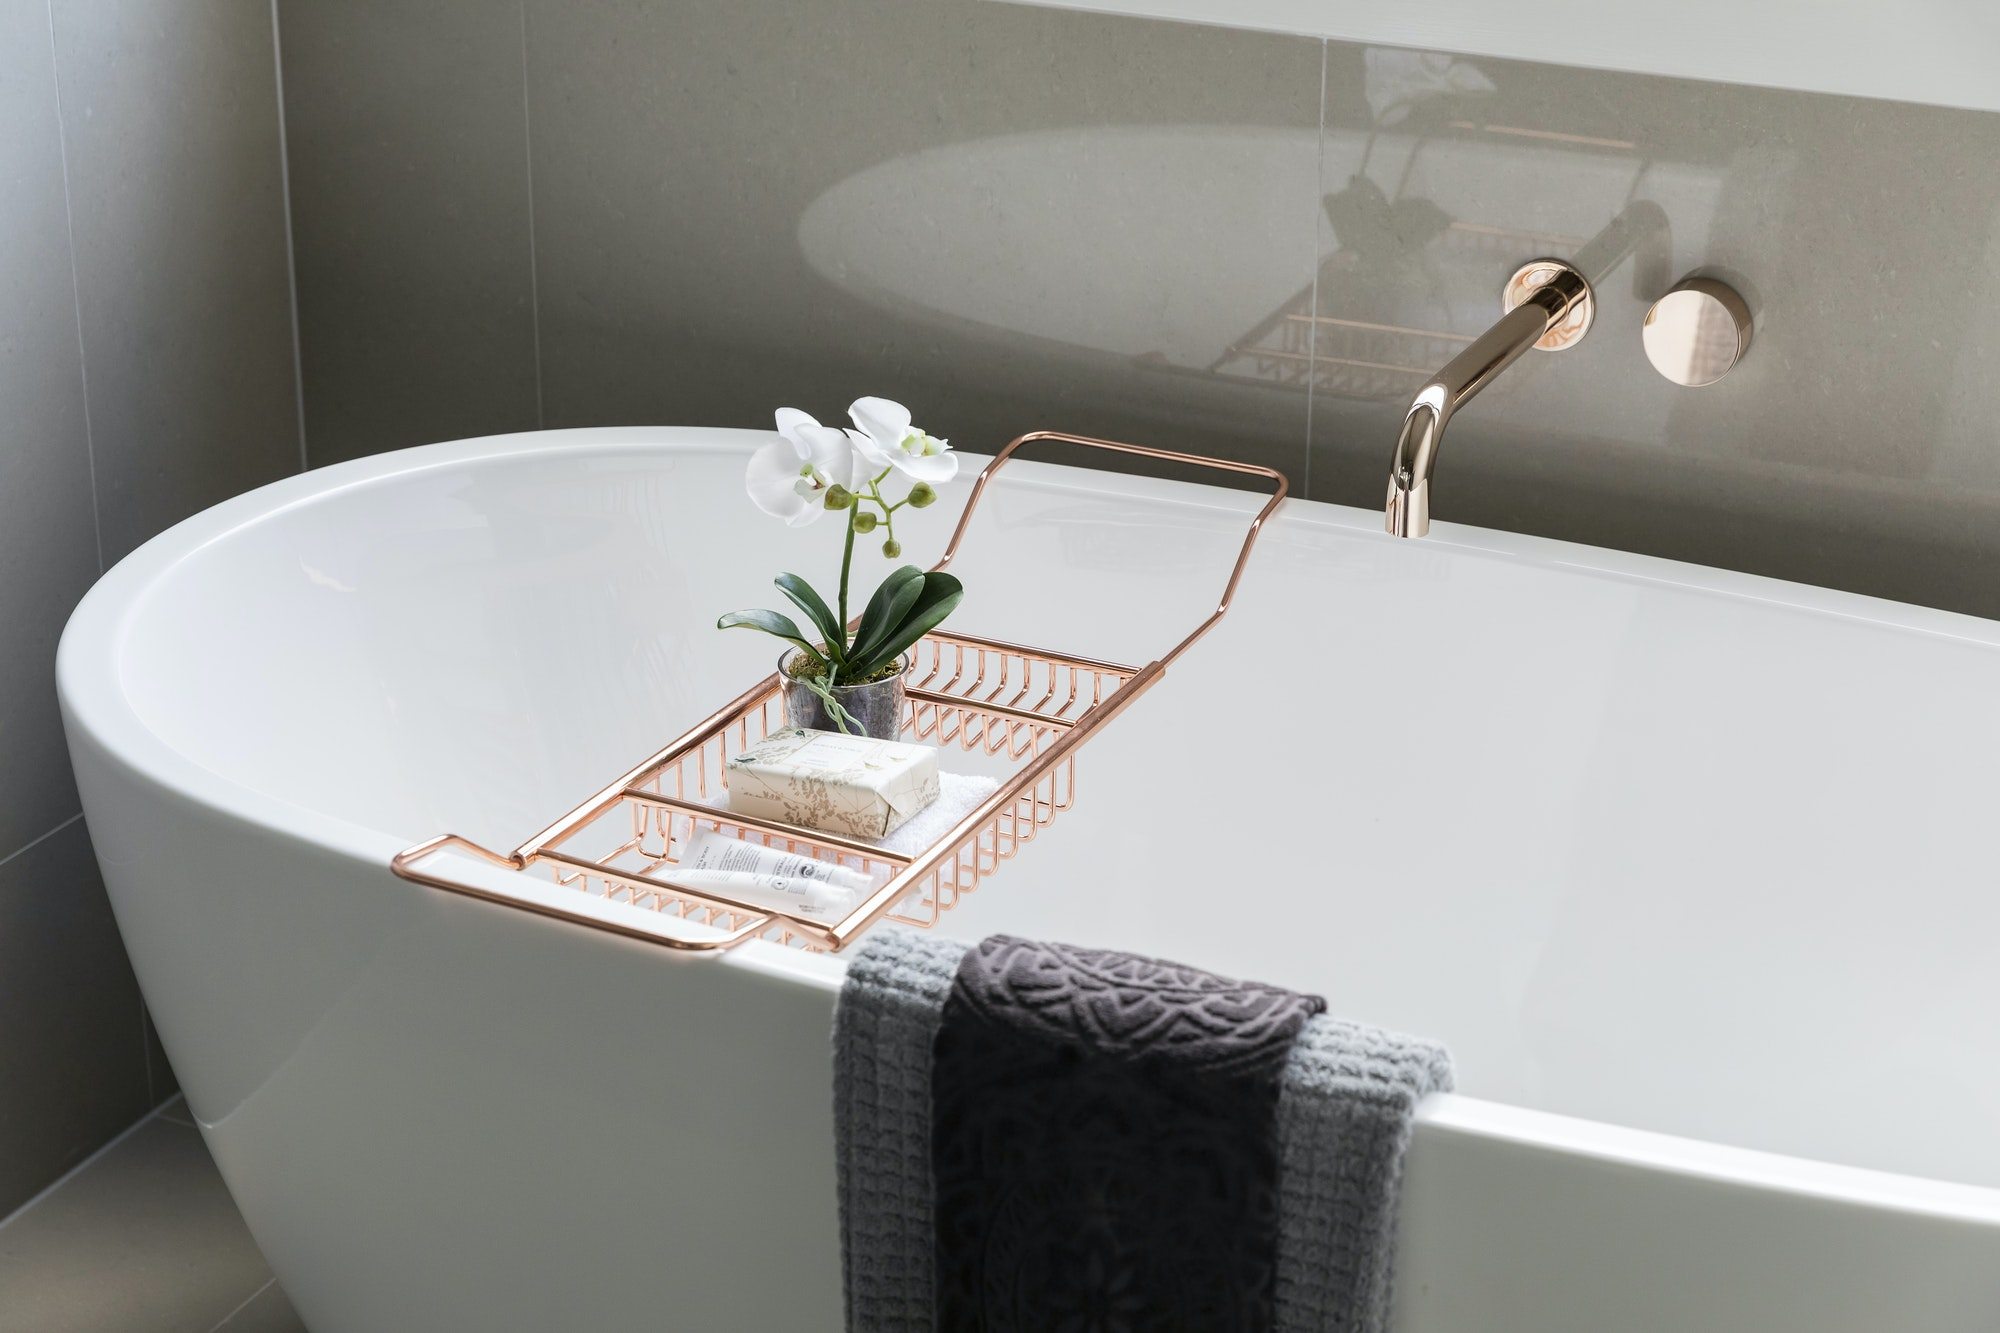 Stylish Modern Bathtub